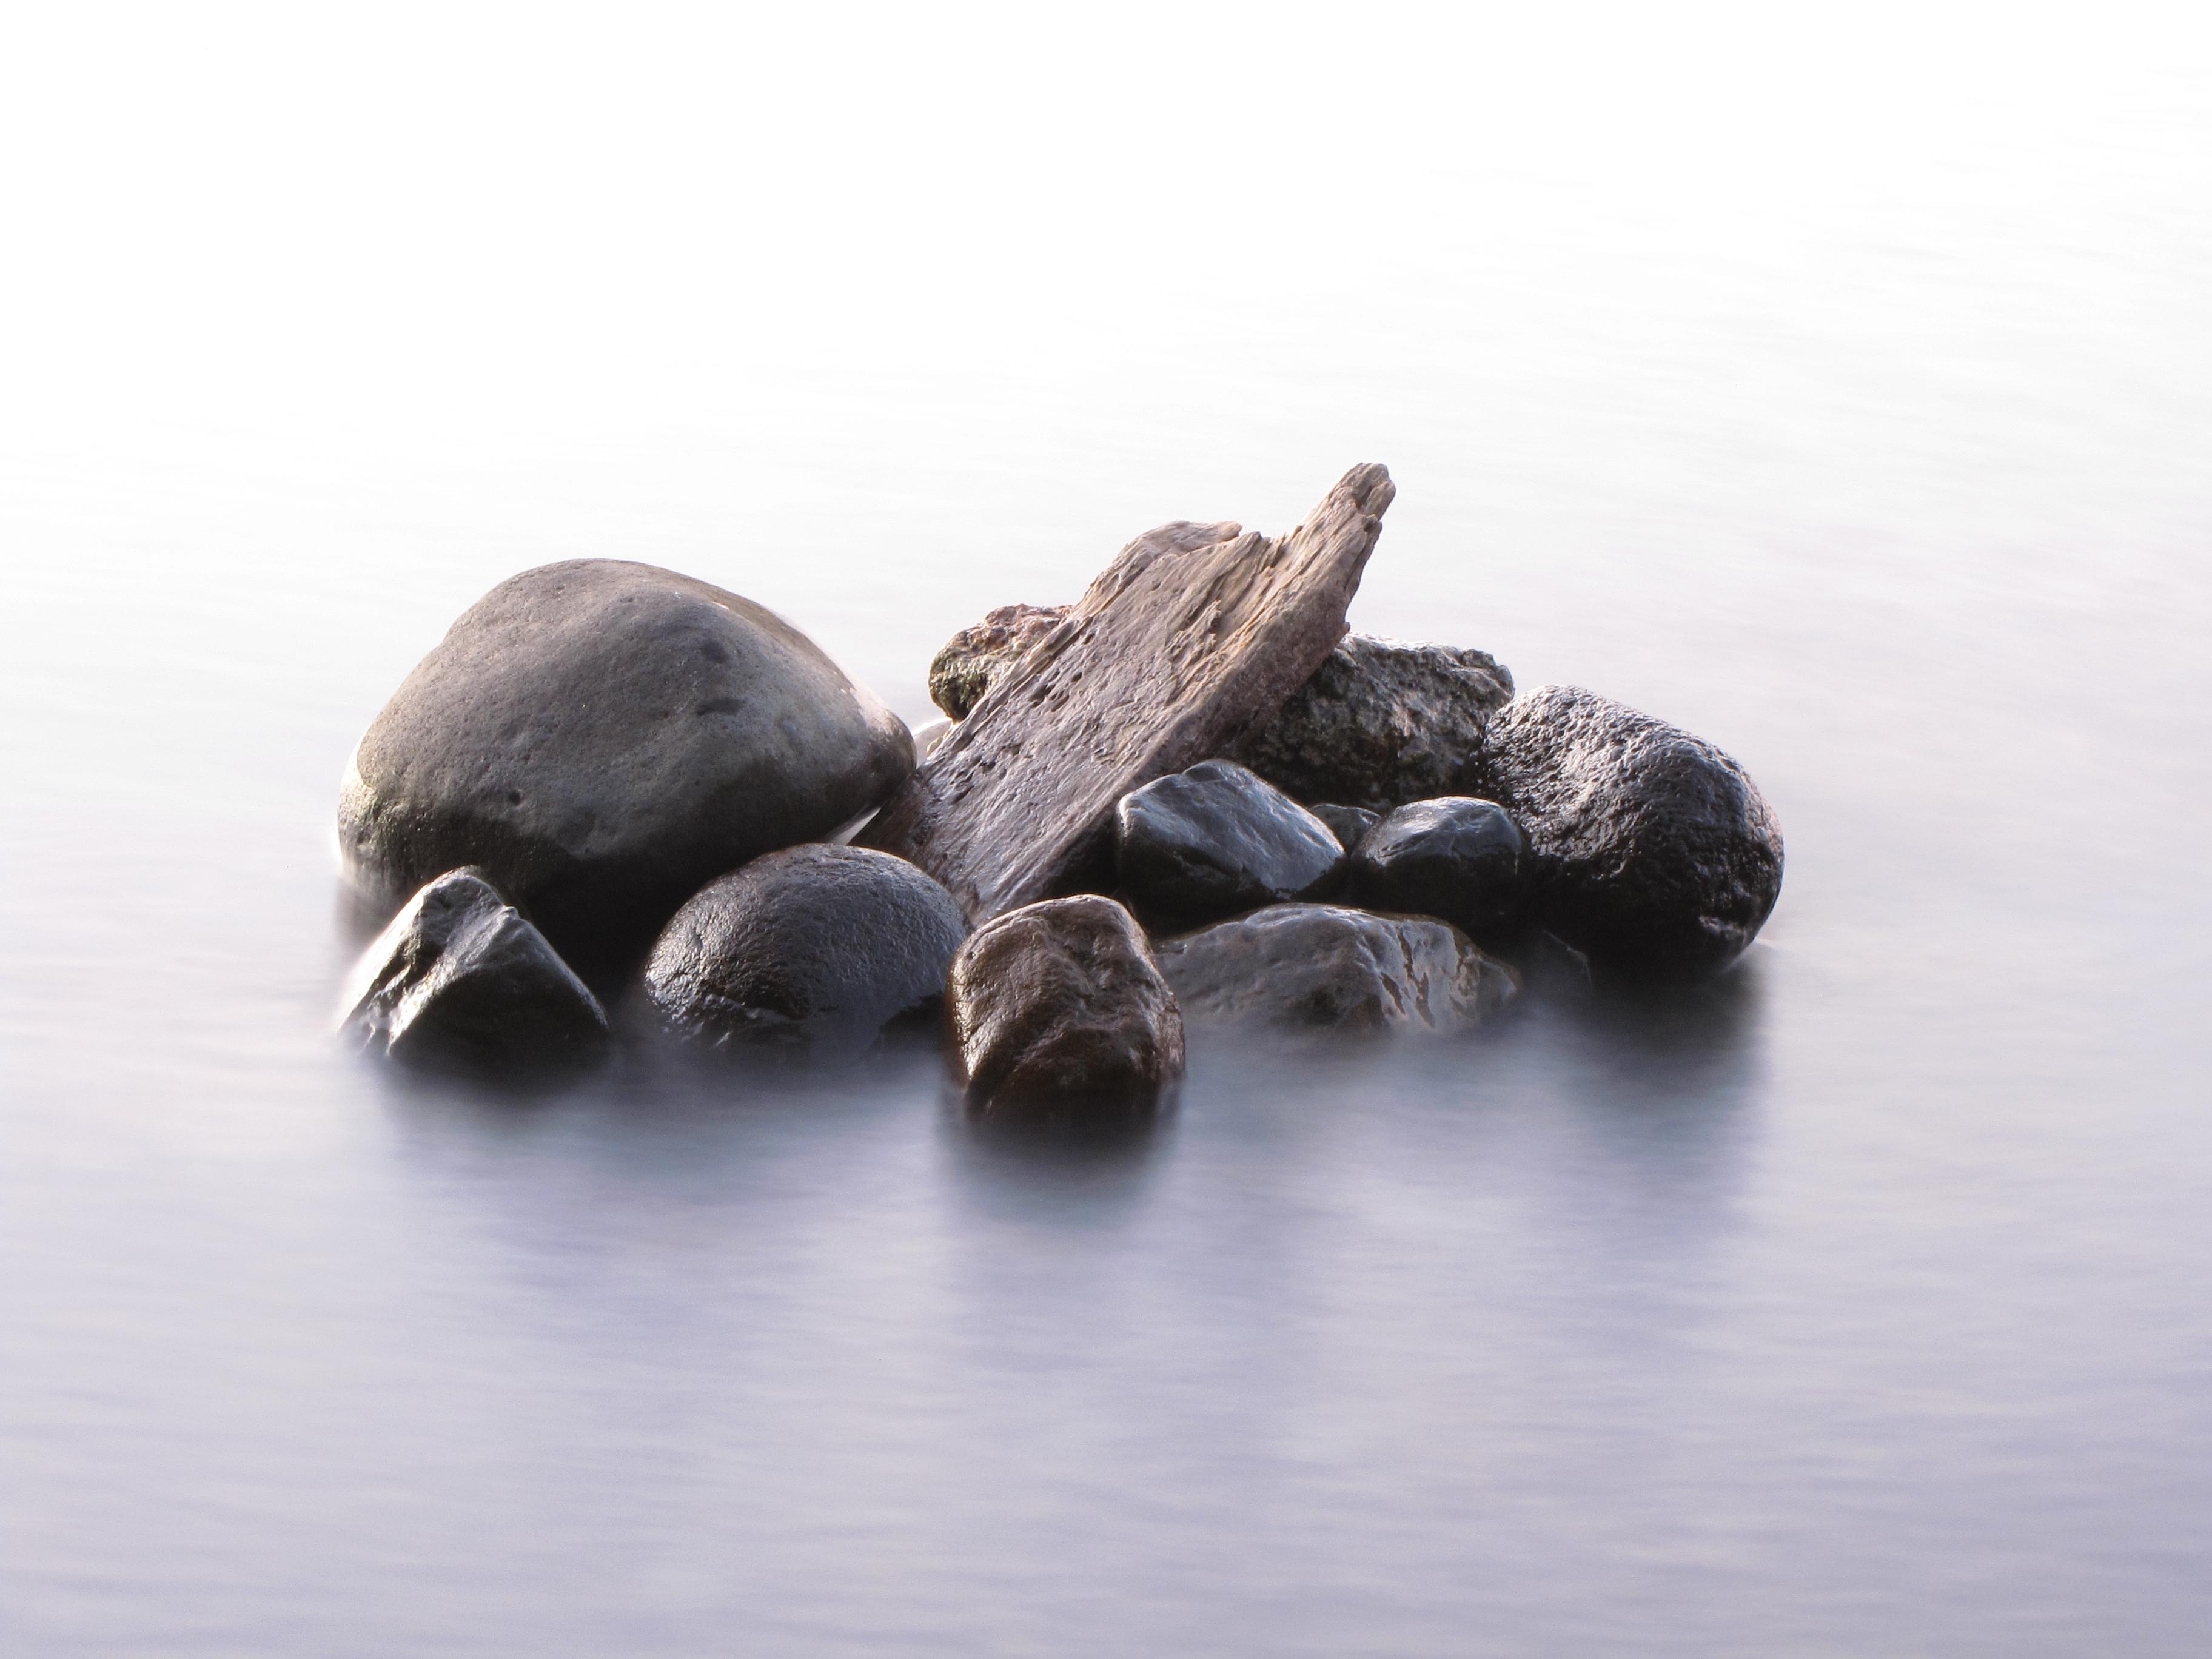 Piedras y Tabla en Rupanco by DVHeld